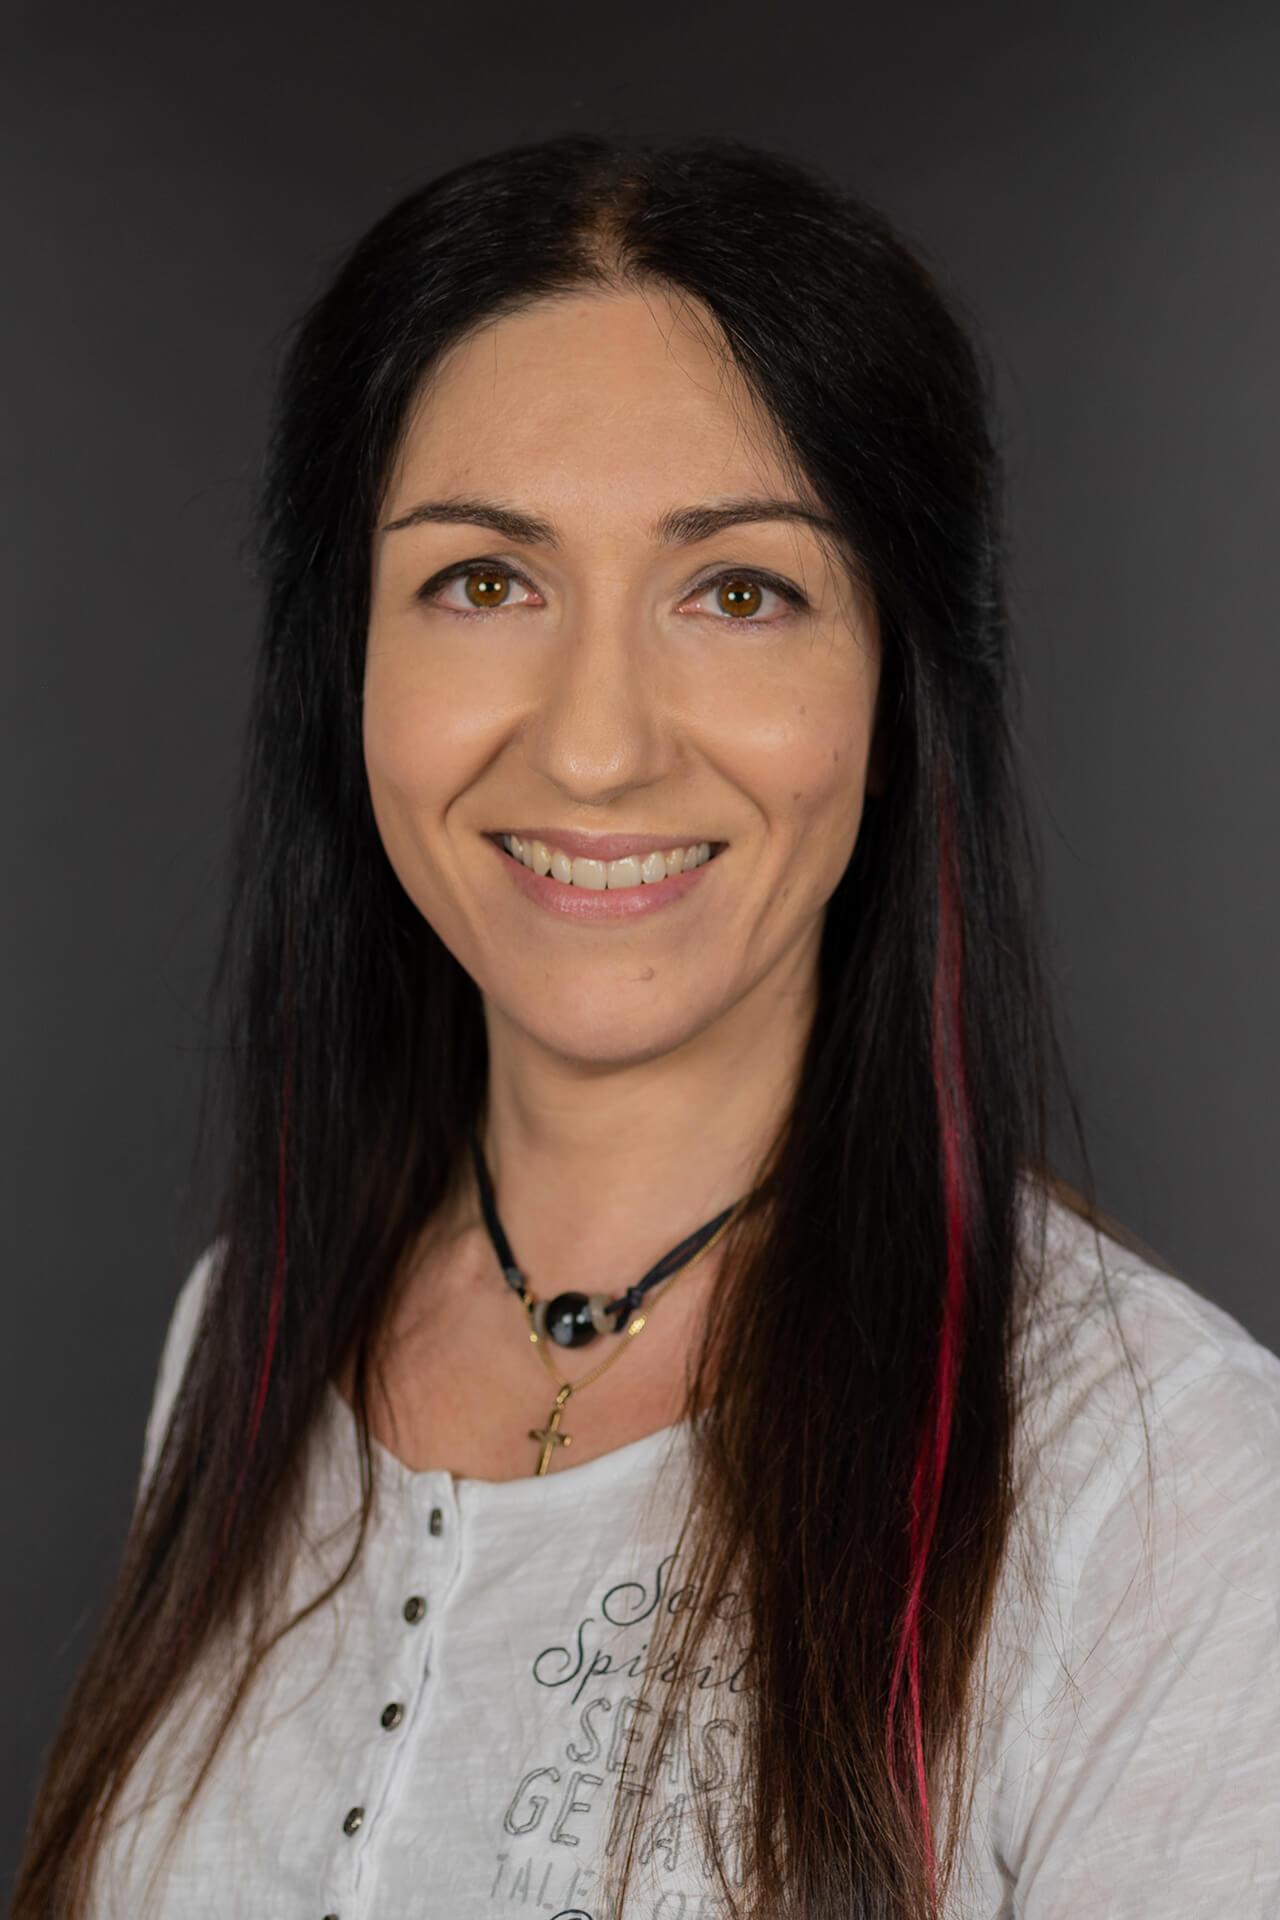 Melanie Musmann